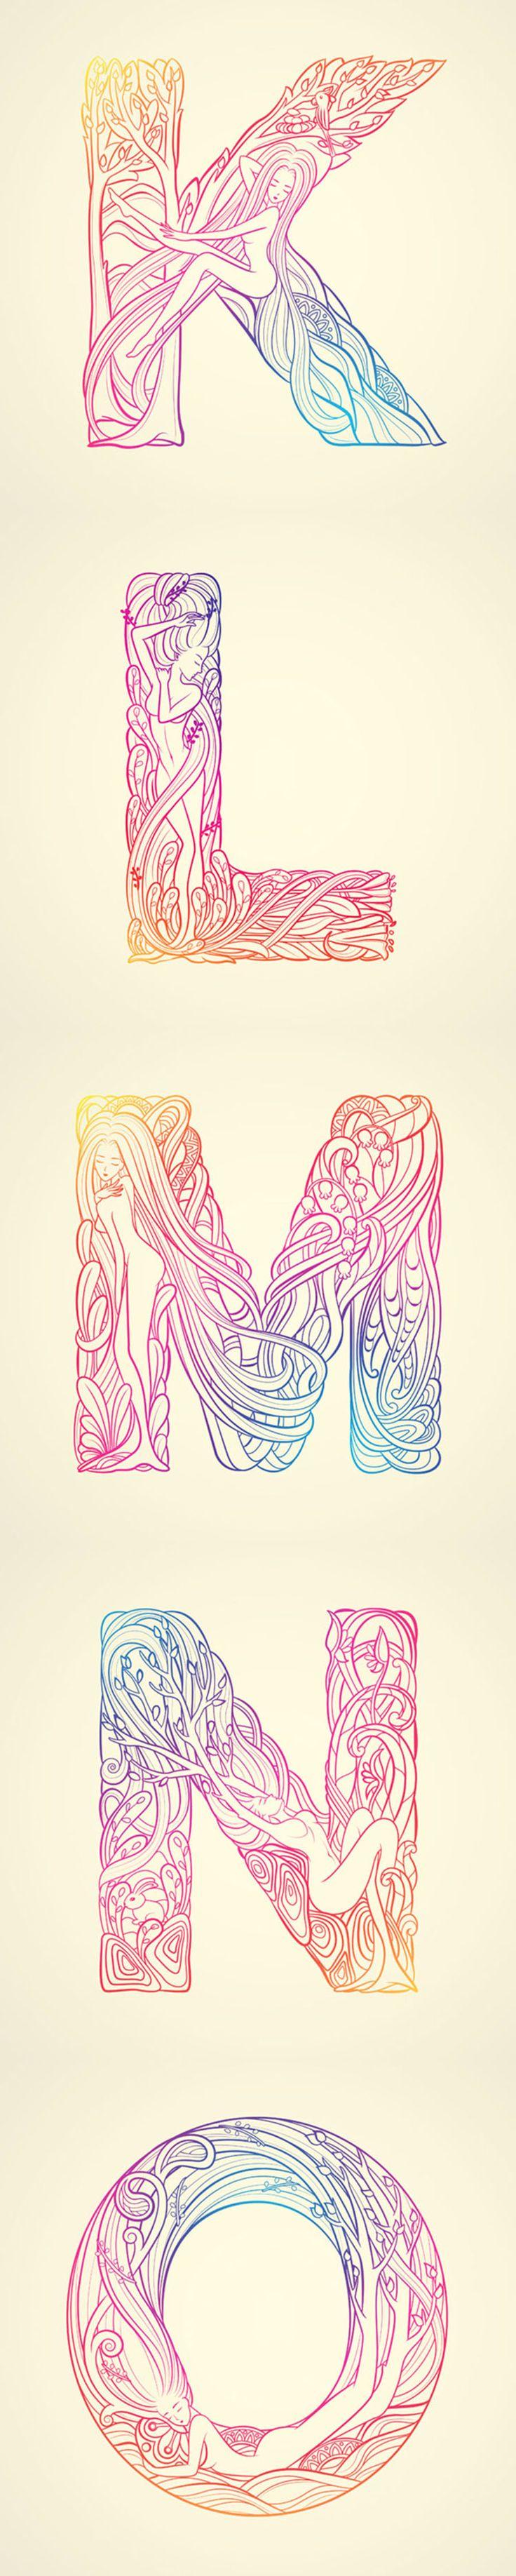 Una tipografía inspirada en la belleza de la mujer y la naturaleza